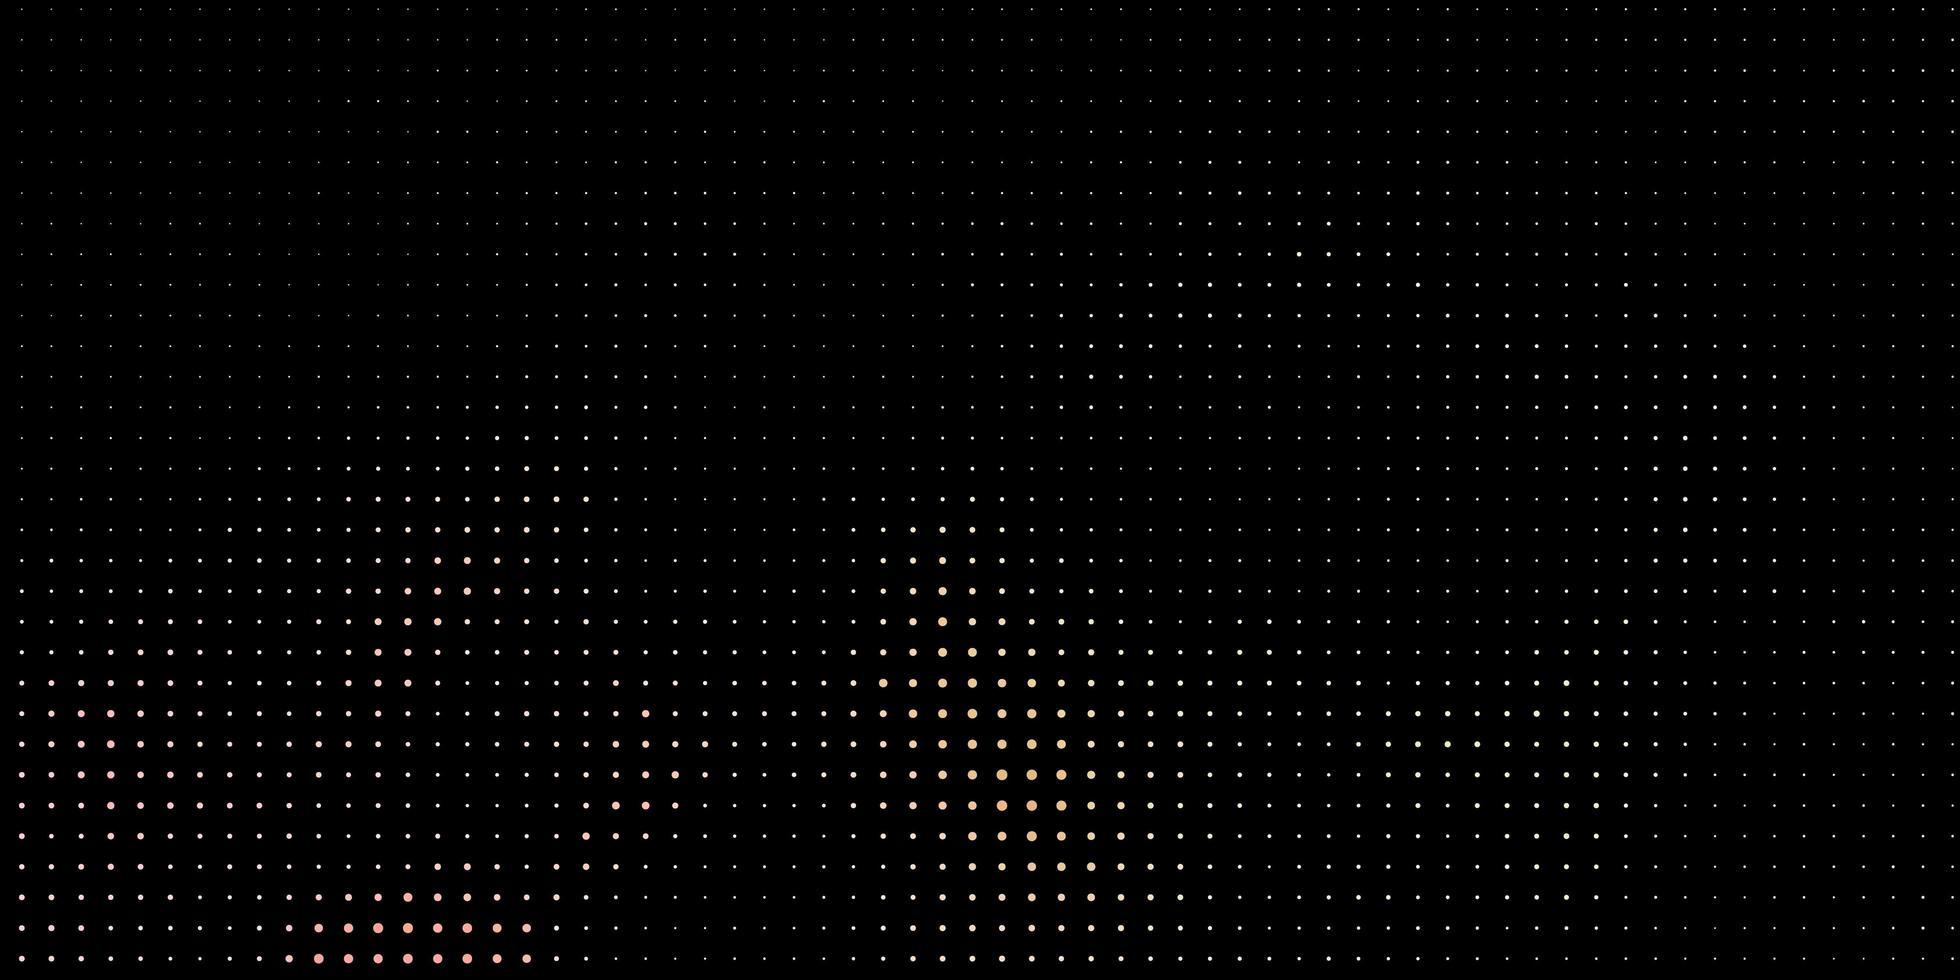 fondo negro con puntos amarillos. vector